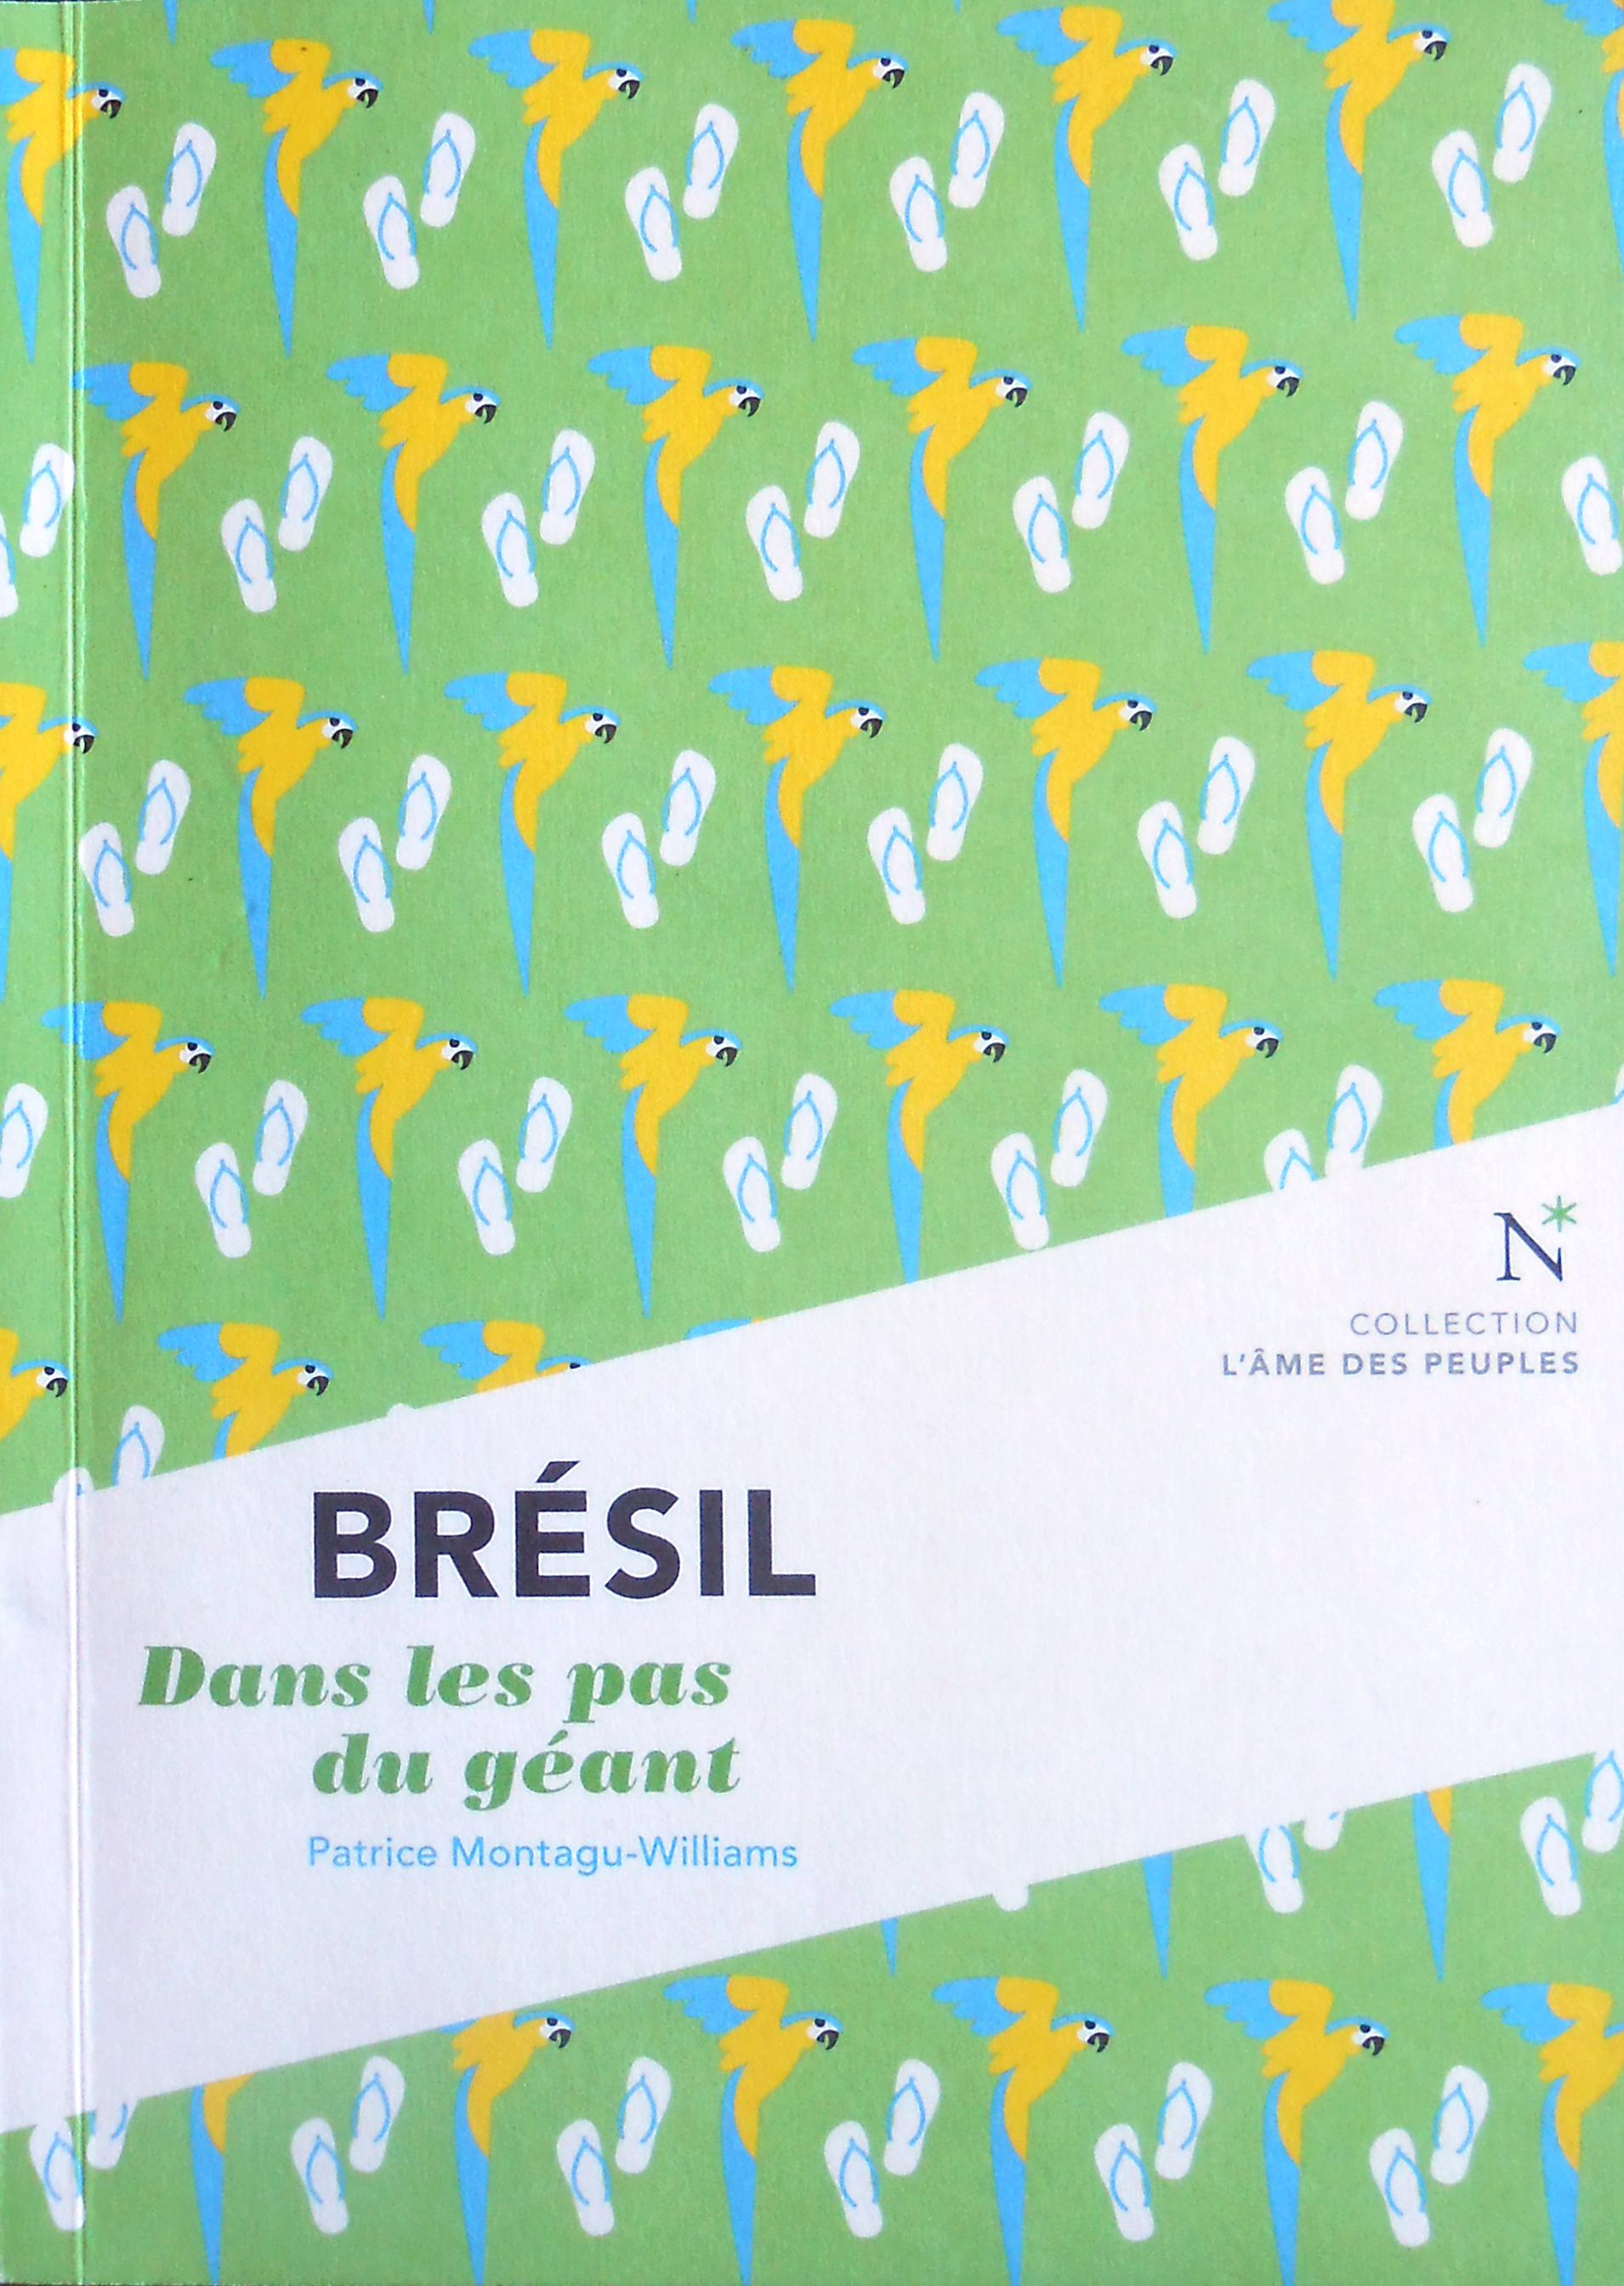 Brésil. Dans les pas du géant Patrice Montagu-Williams Bibliolingus